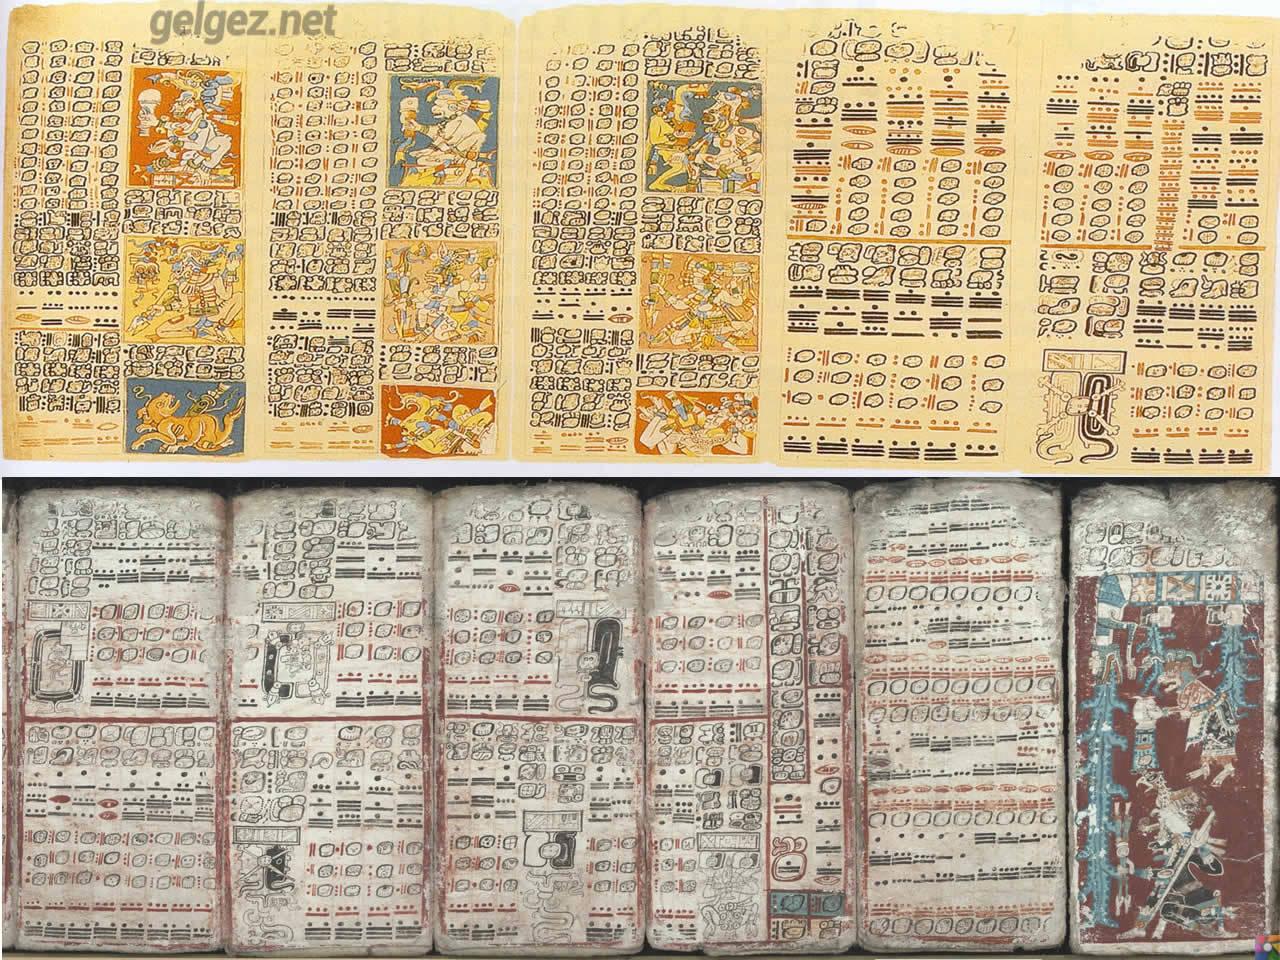 Mayalar 1300 sene önce gezegenleri izliyorlardı! | Dresden Codex